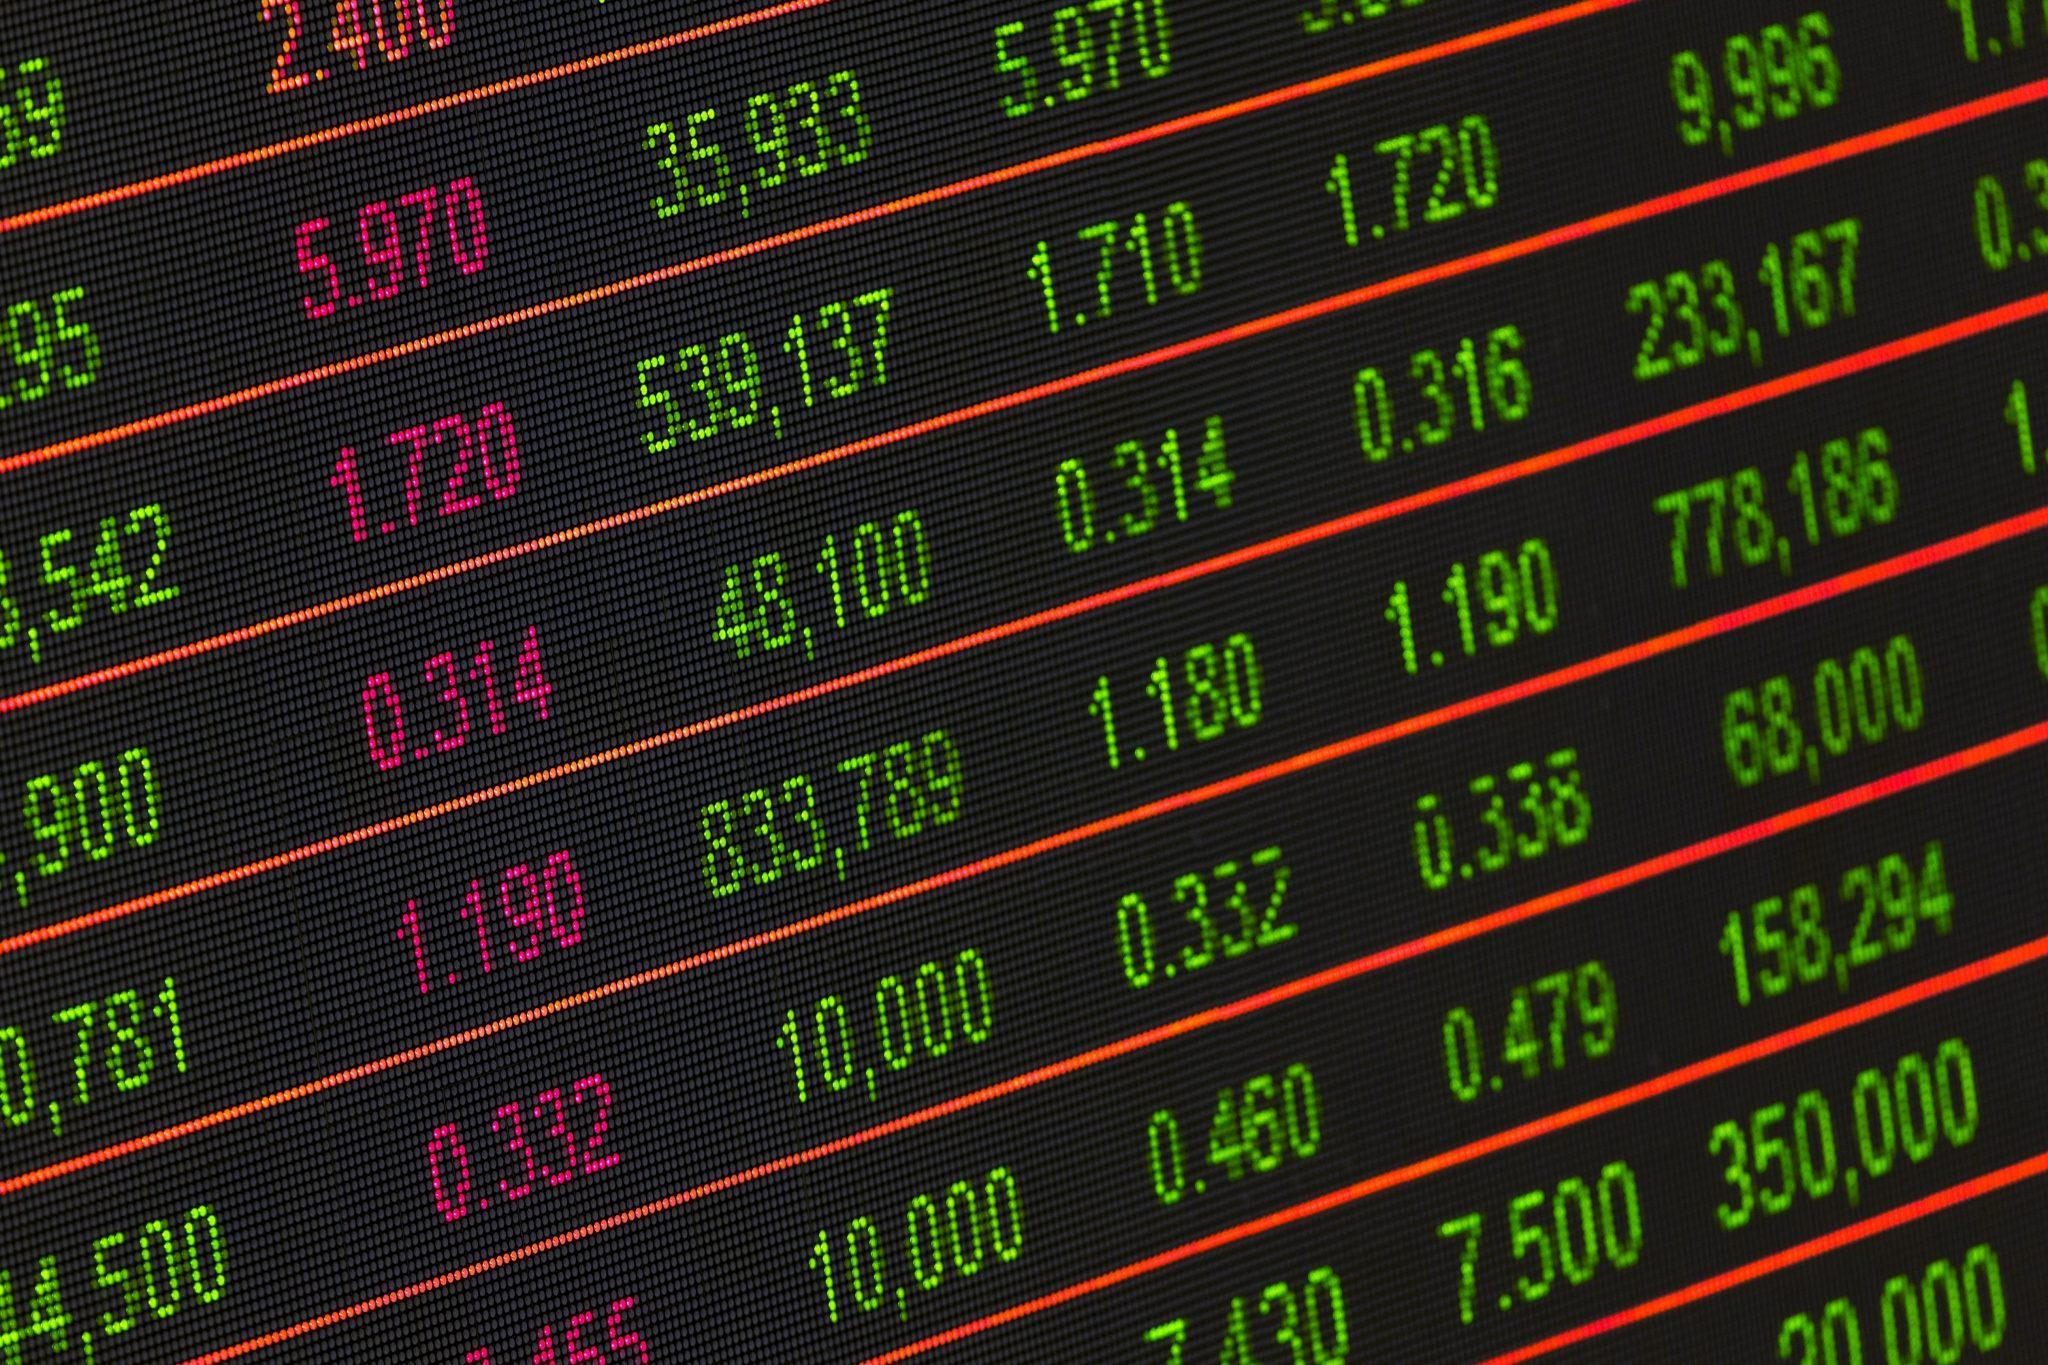 bináris opciók pénzügyi piacai